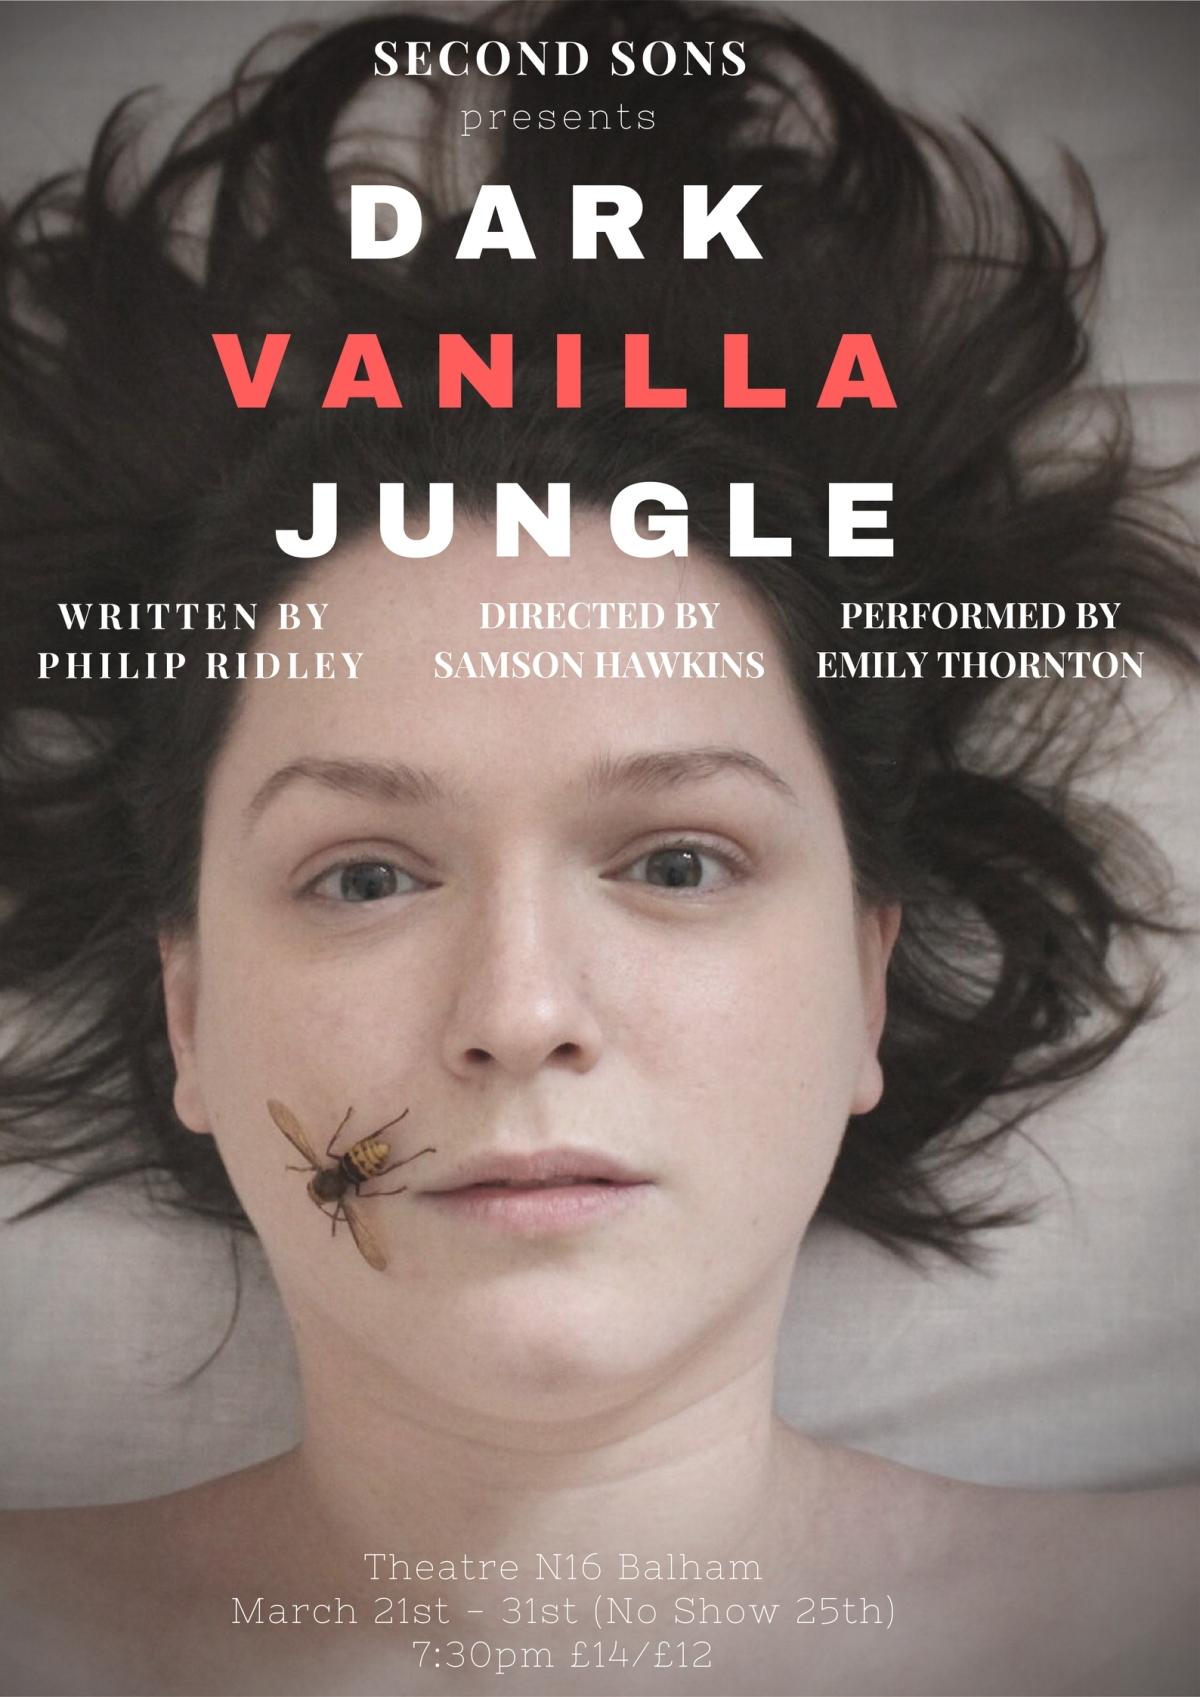 Dark Vanilla Jungle Poster jpg.jpg